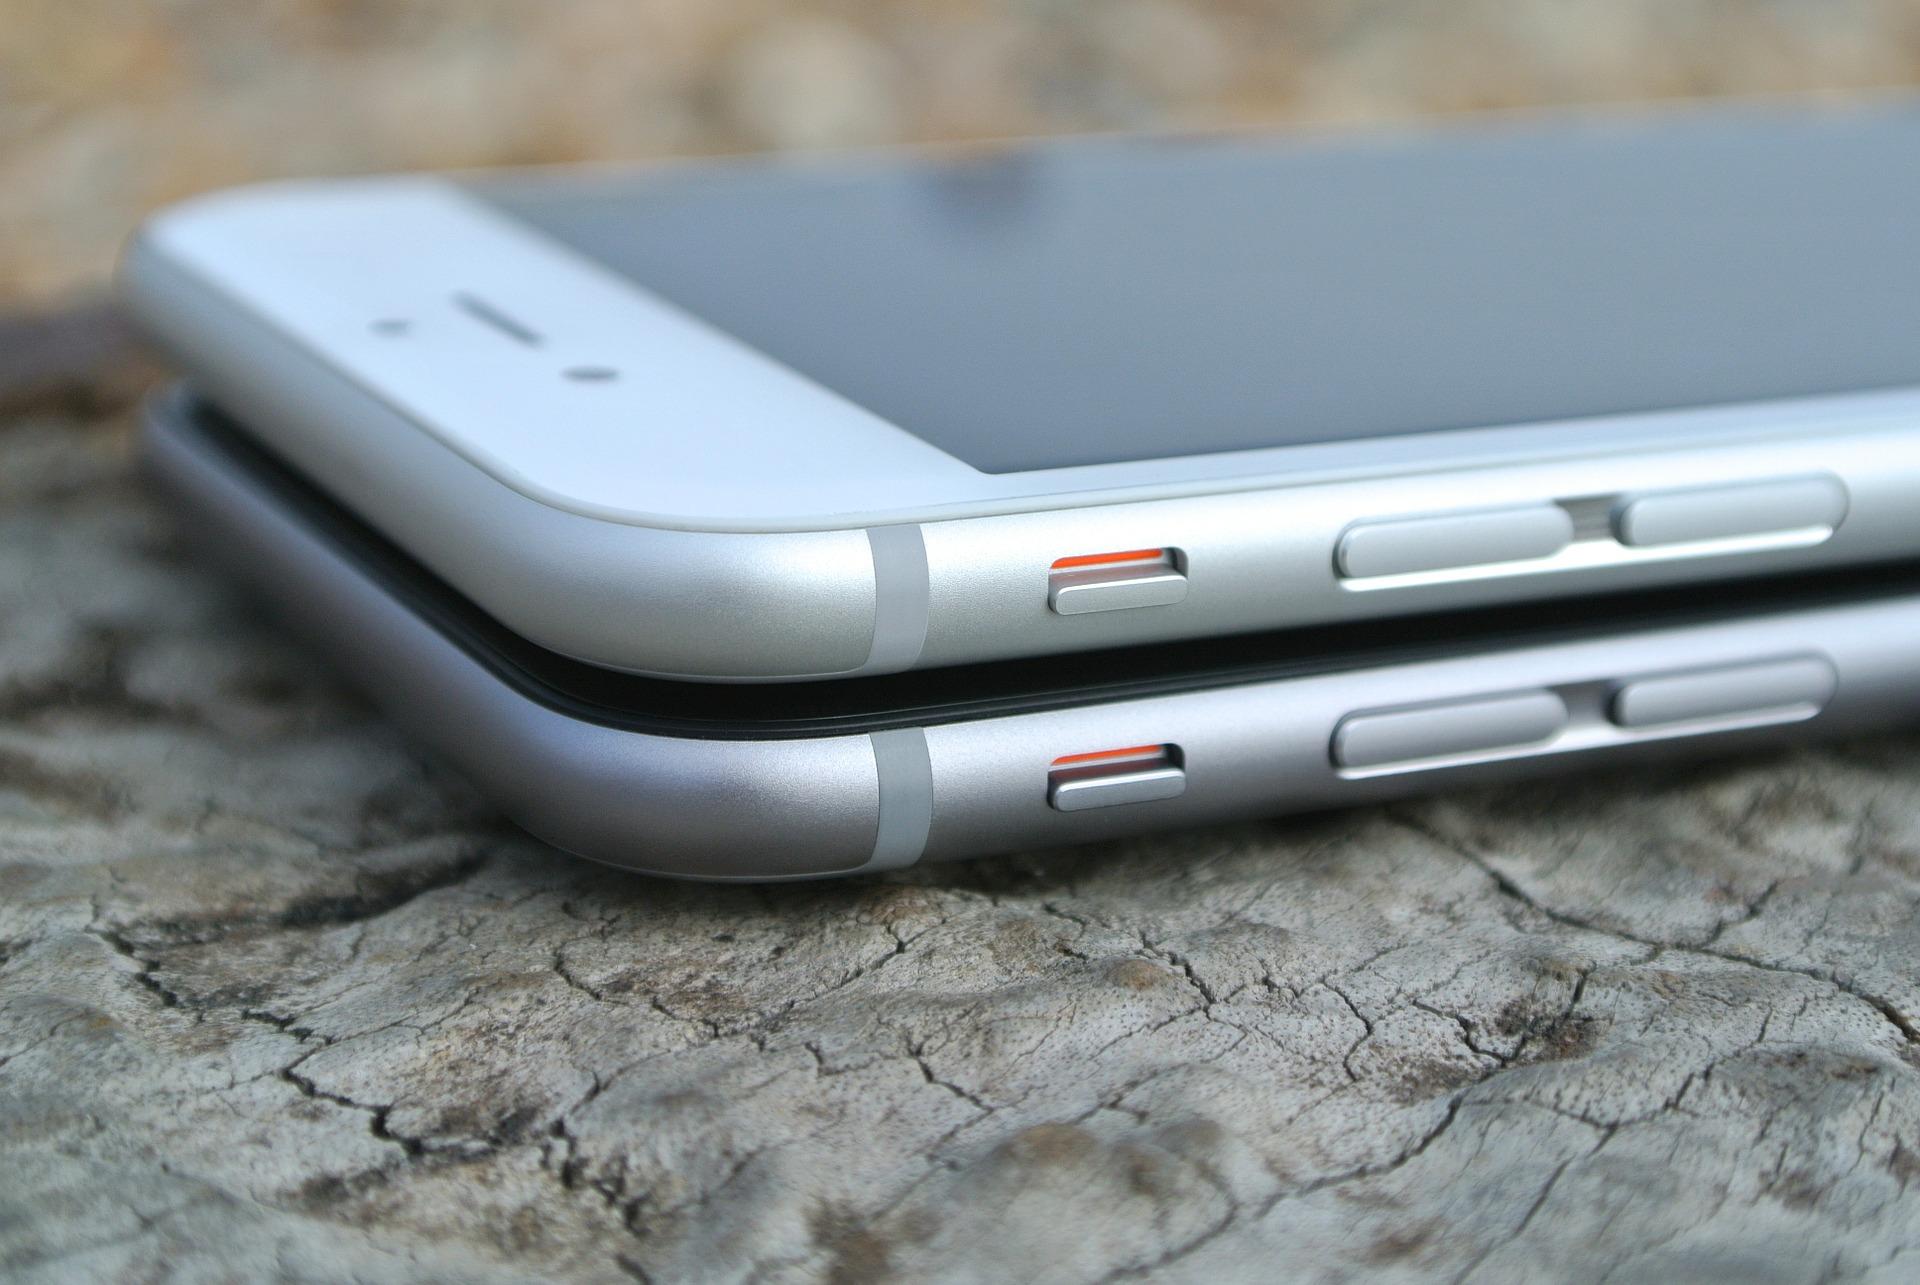 iPhone_6_vs_iPhone_6S_:_Lequel_est_le_meilleur_à_acheter_en_2021_?